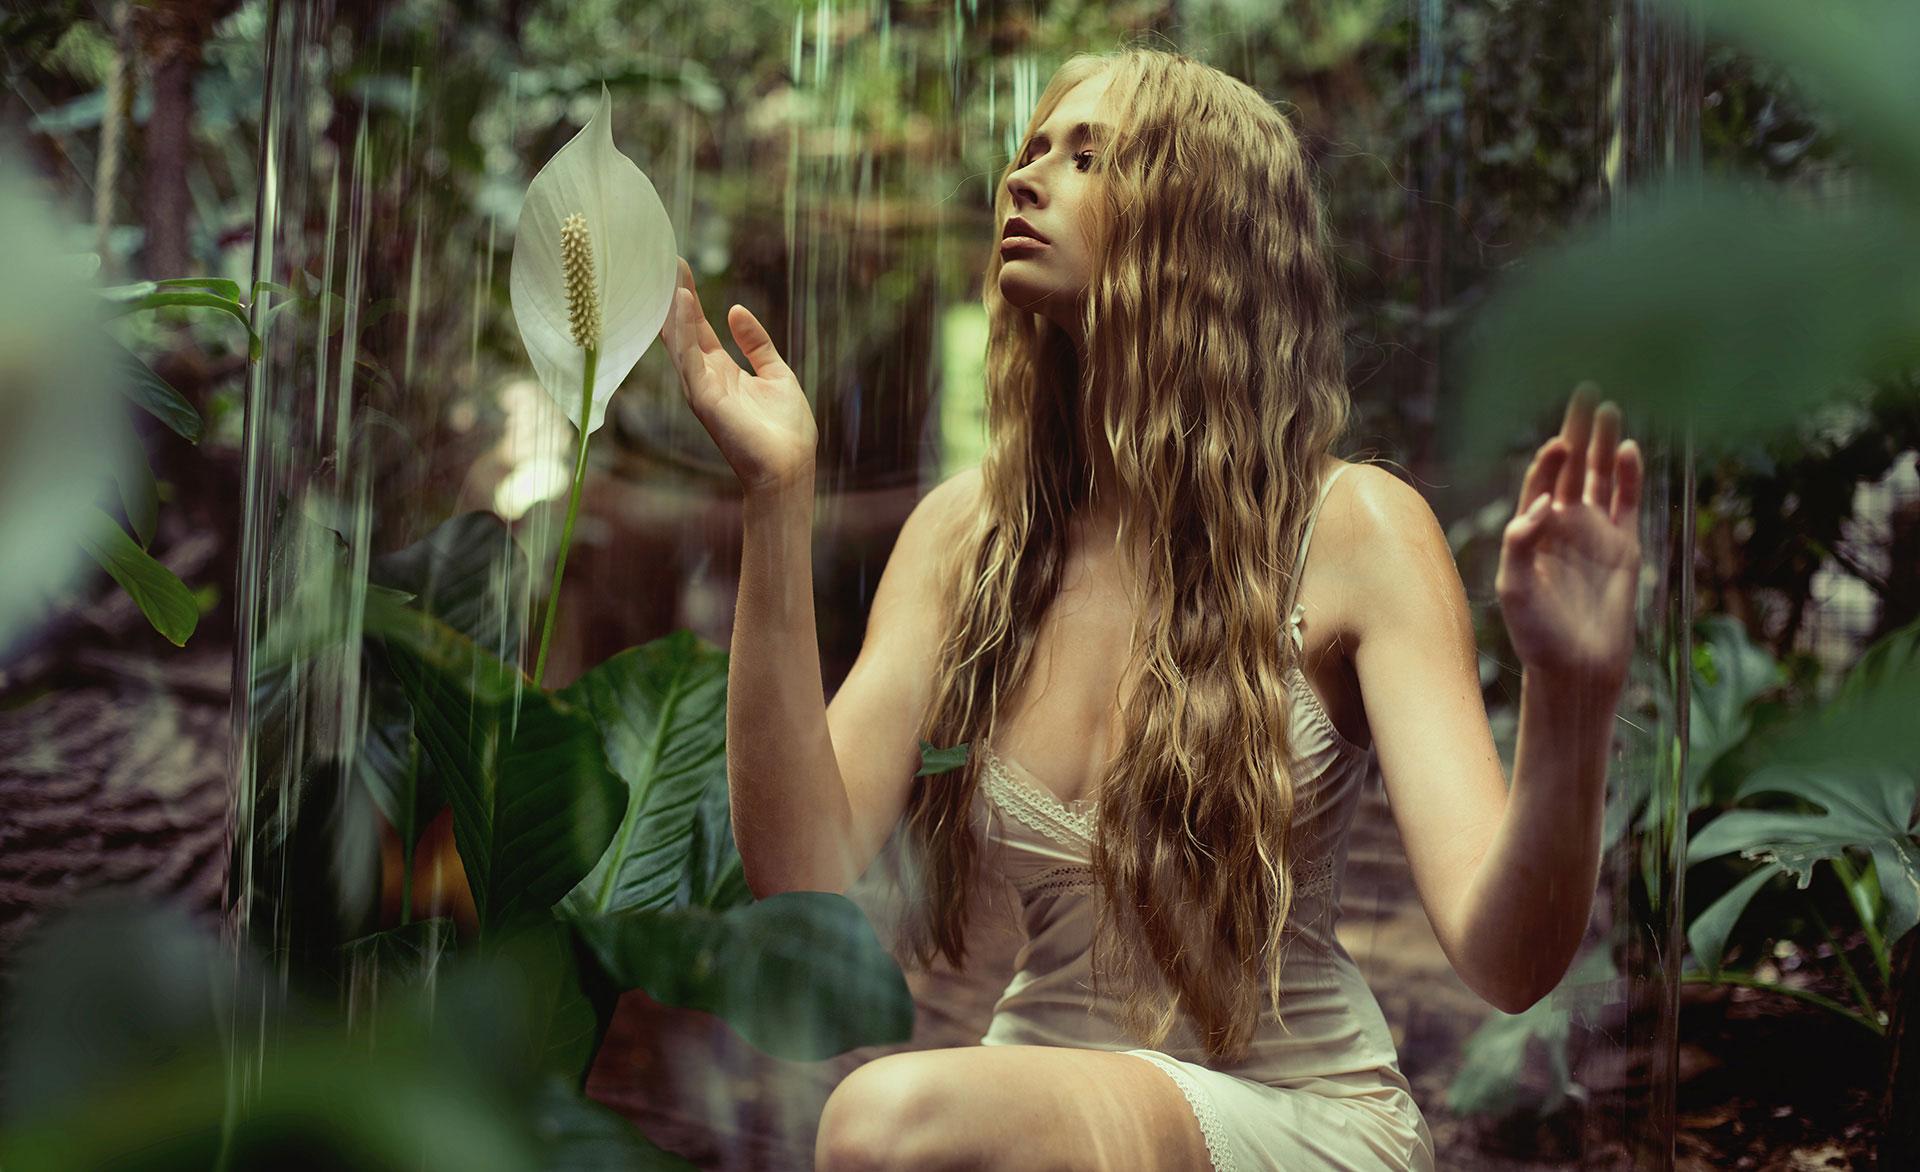 Девушка в образе лесной феи наслаждается тишиной, фотографKonrad Bаk